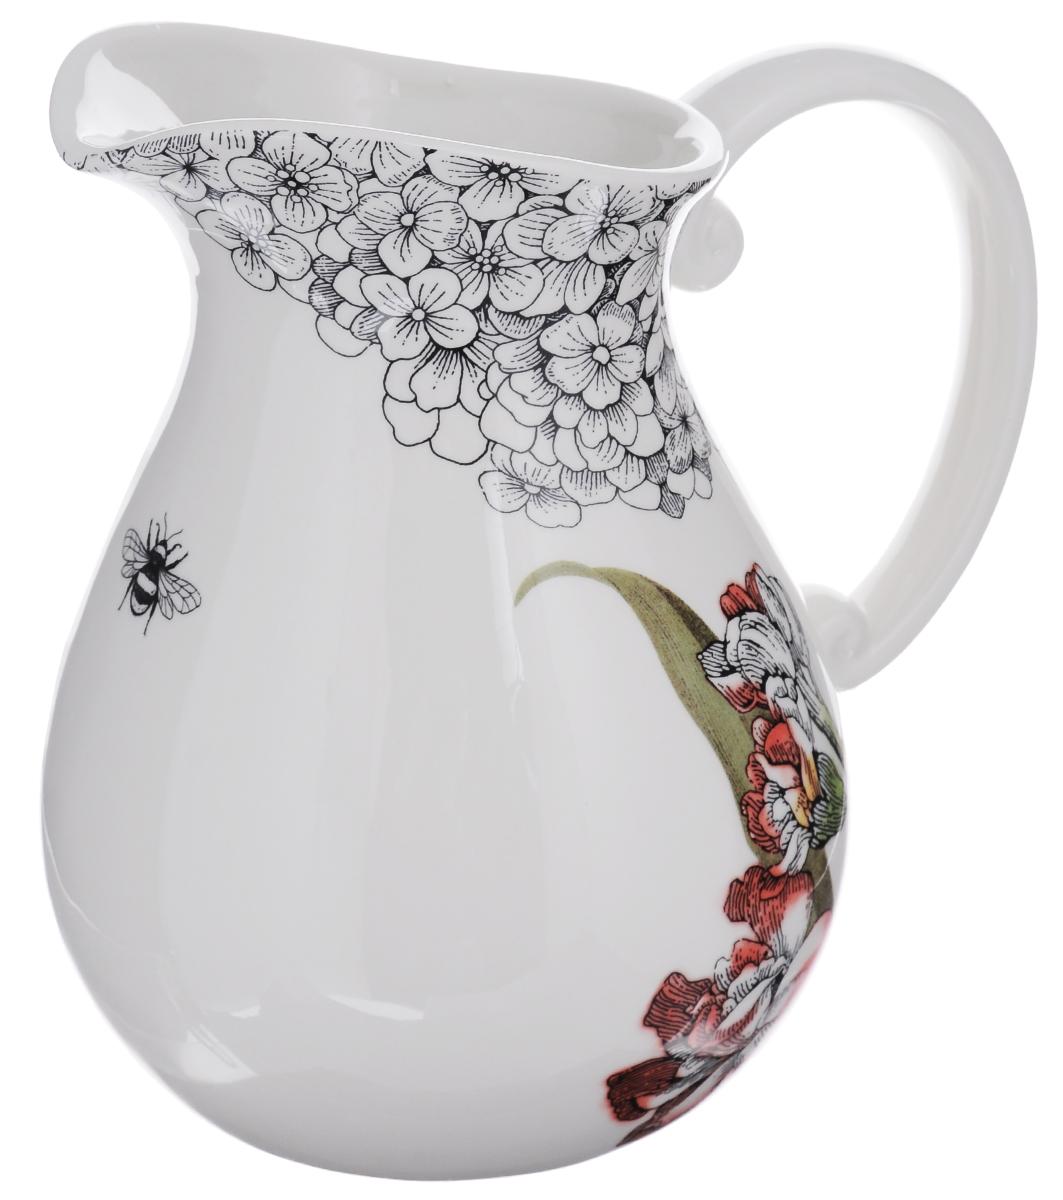 Кувшин Fitz and Floyd Гортензия, цвет: белый, черный, зеленый, 2л20-313Кувшин Fitz and Floyd Гортензия выполнен из высококачественной керамики, расписанной вручную изображением цветов. В нем будет удобно хранить и подавать на стол молоко, соки или воду.Такой кувшин украсит любой кухонный интерьер и станет хорошим подарком для ваших близких.Размер кувшина: 23 х 22 х 17,5 см. Объем кувшина: 2 л.